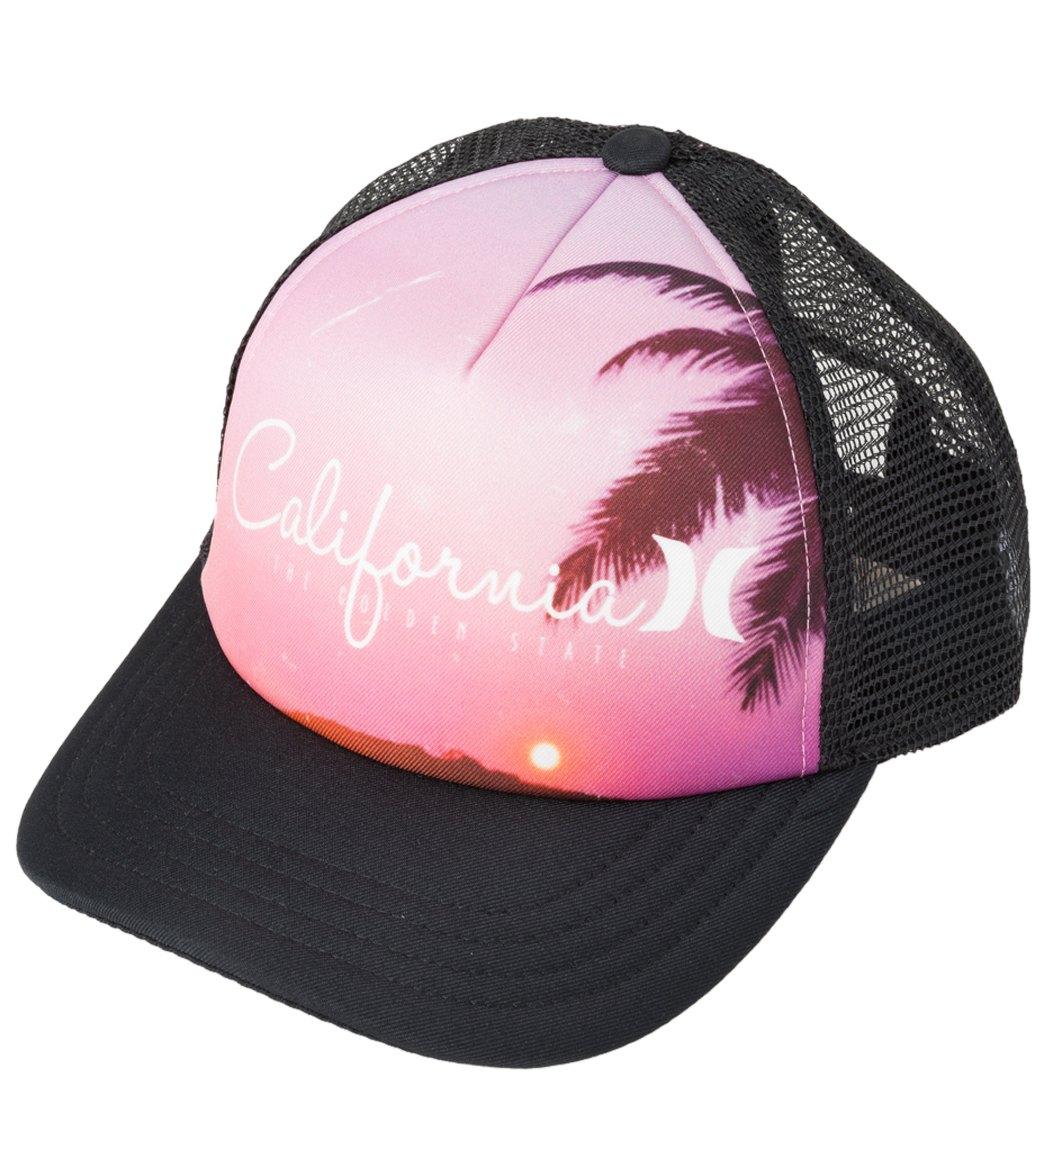 6d339410f31b4 Hurley Destination Trucker Hat at SwimOutlet.com